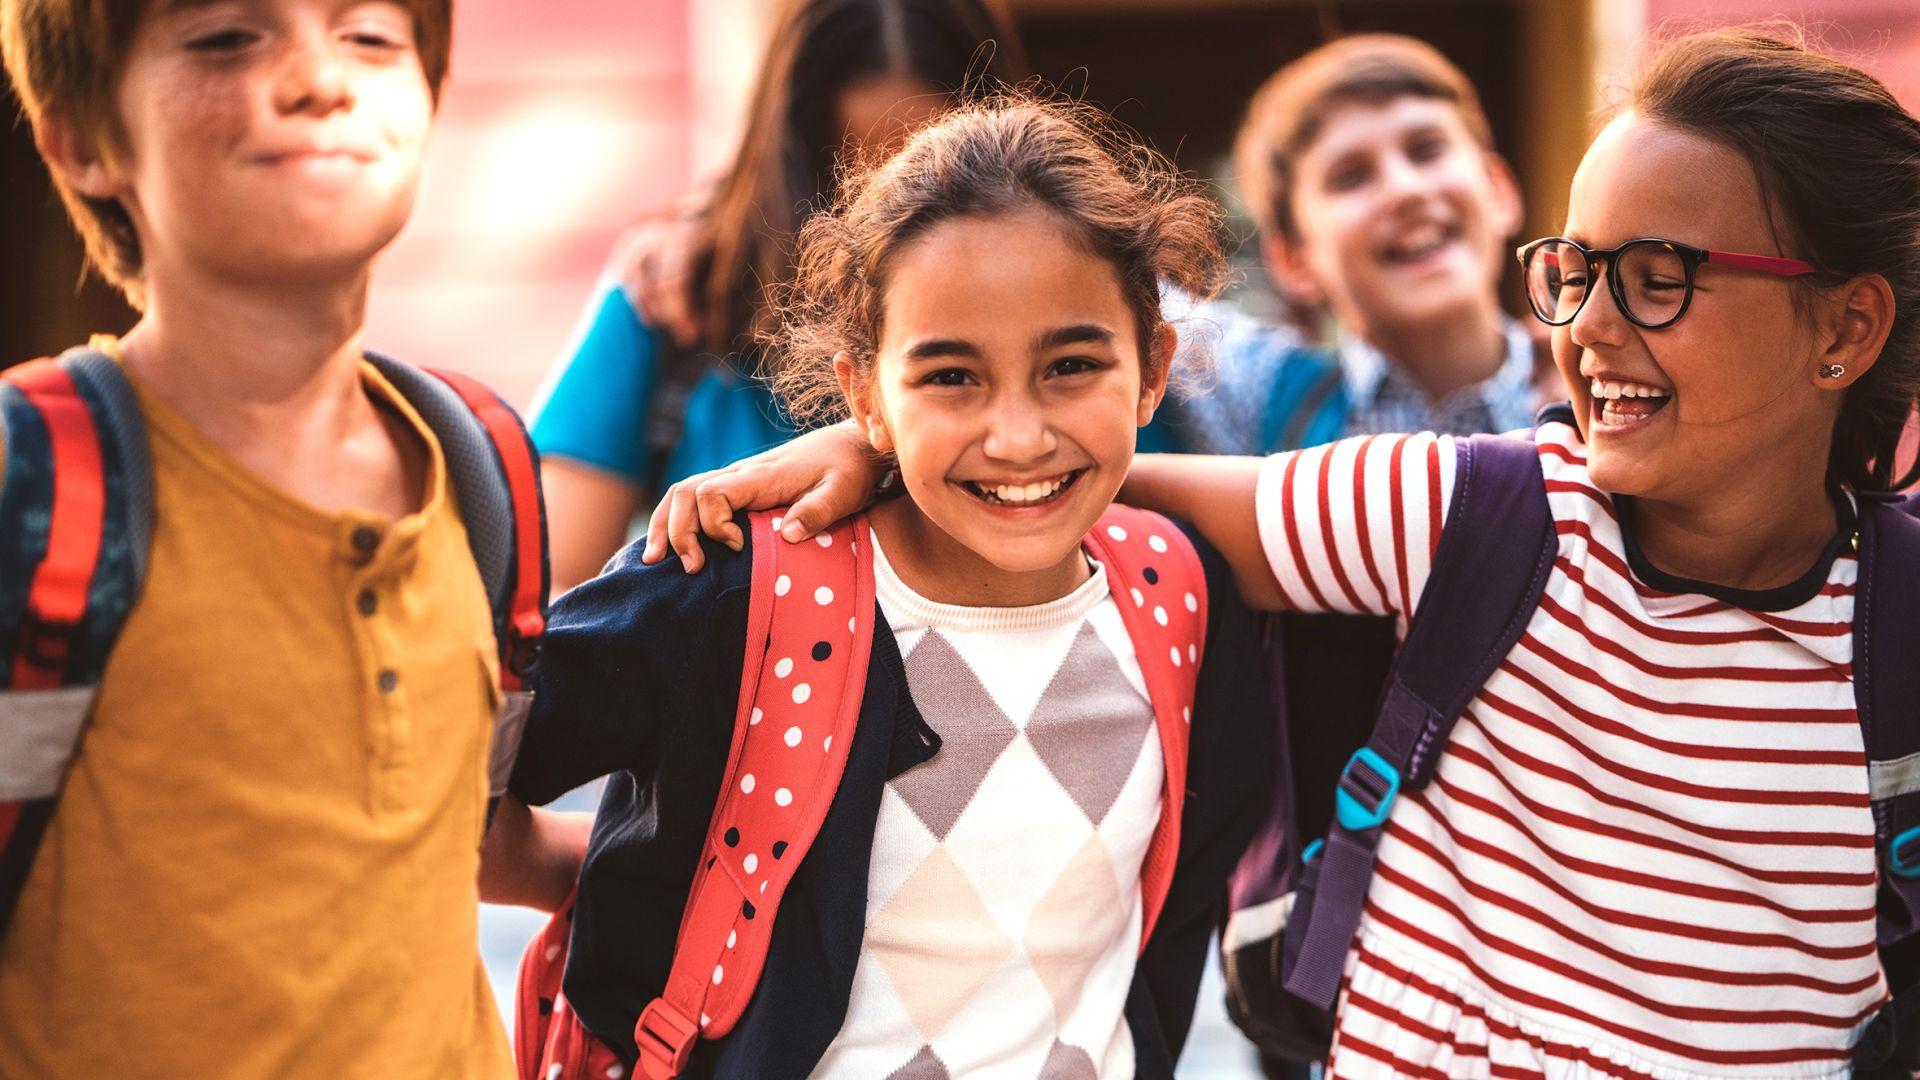 Erlaskolan Södra utökar med förskoleklass och årskurs 1 till hösten 2022